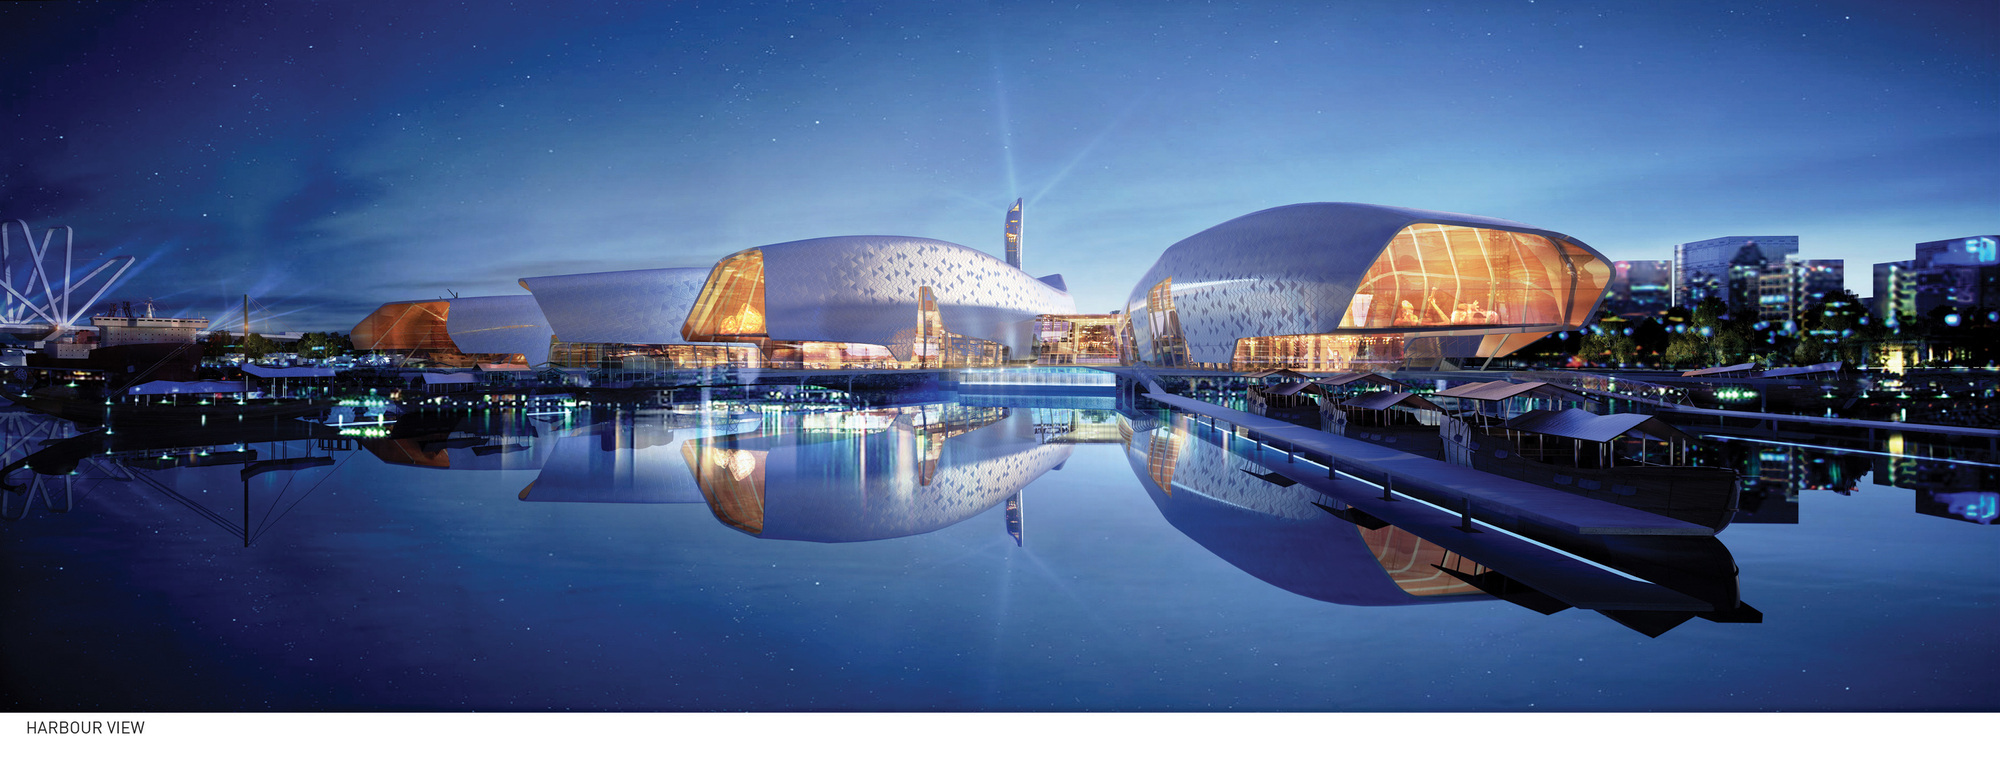 Национальный морской музей Китая признан лучшим архитектурным проектом на WAF 2013